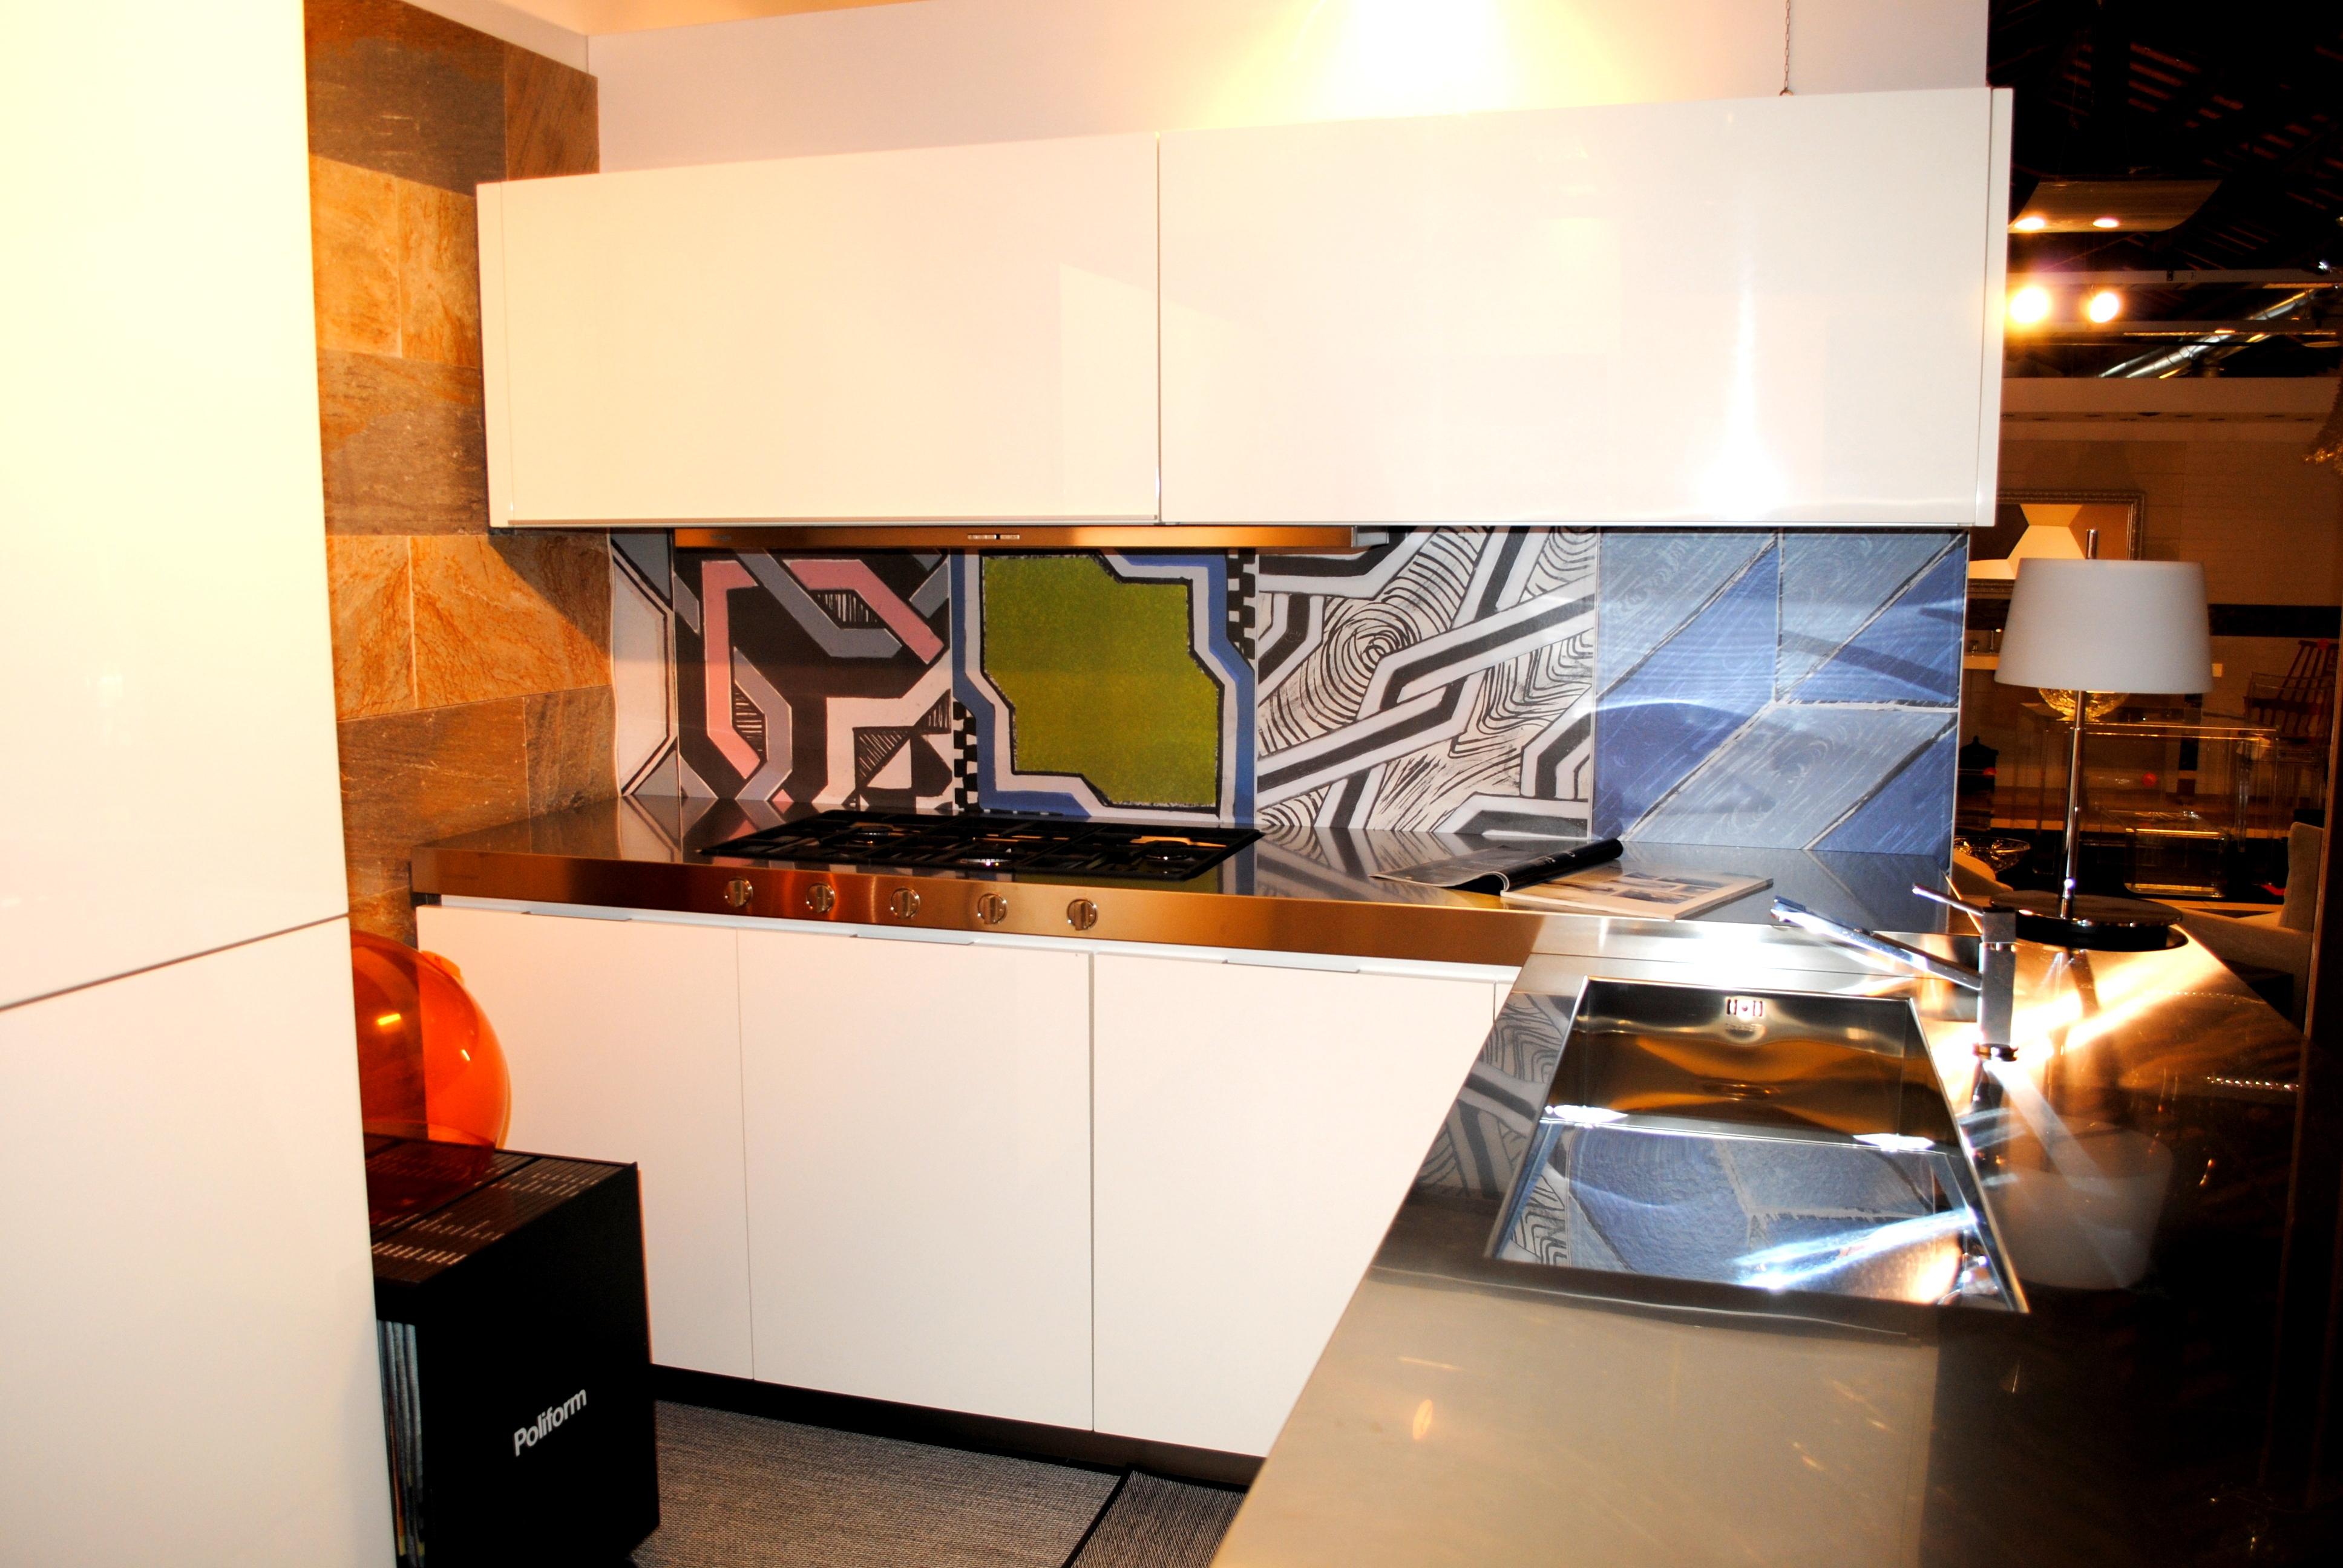 Cucina varenna offerta cucine a prezzi scontati for Cucine in offerta